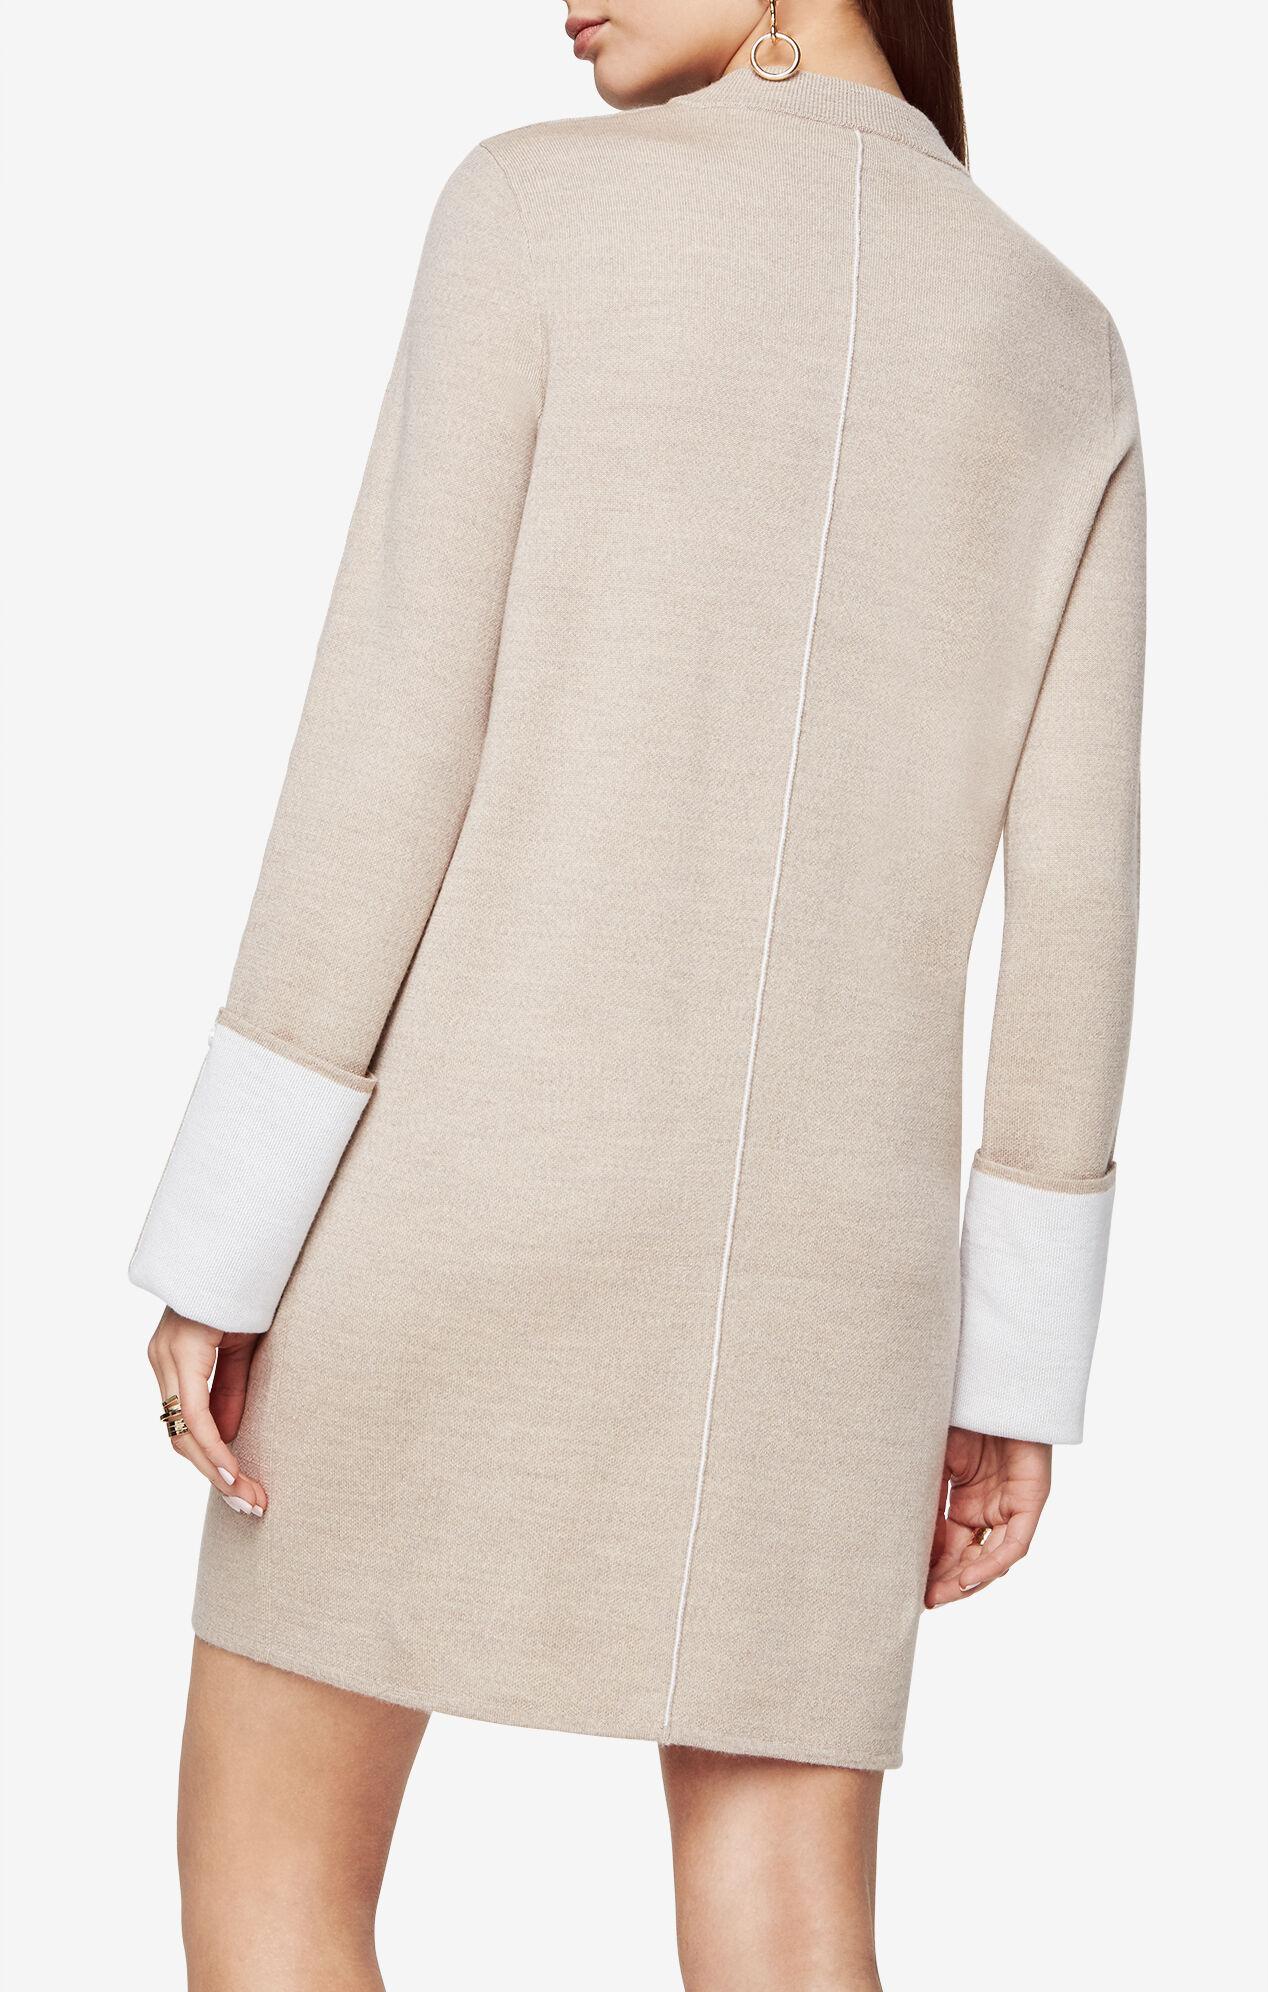 Makayla Sweater Dress